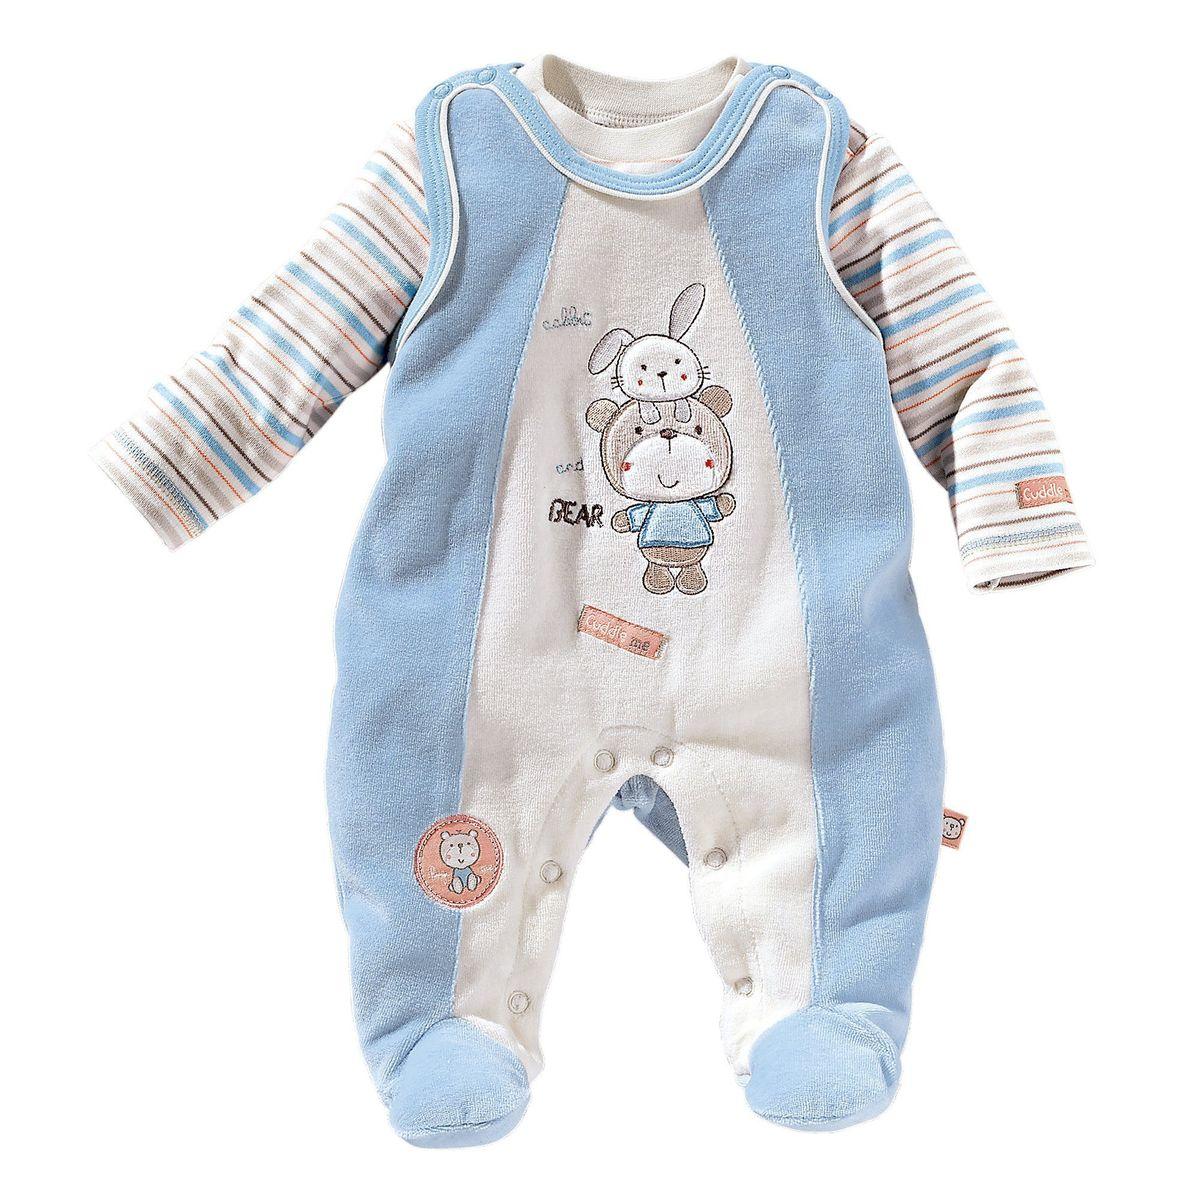 Bornino grenouillère avec t shirt bébé ensemble bébé Bornino | La